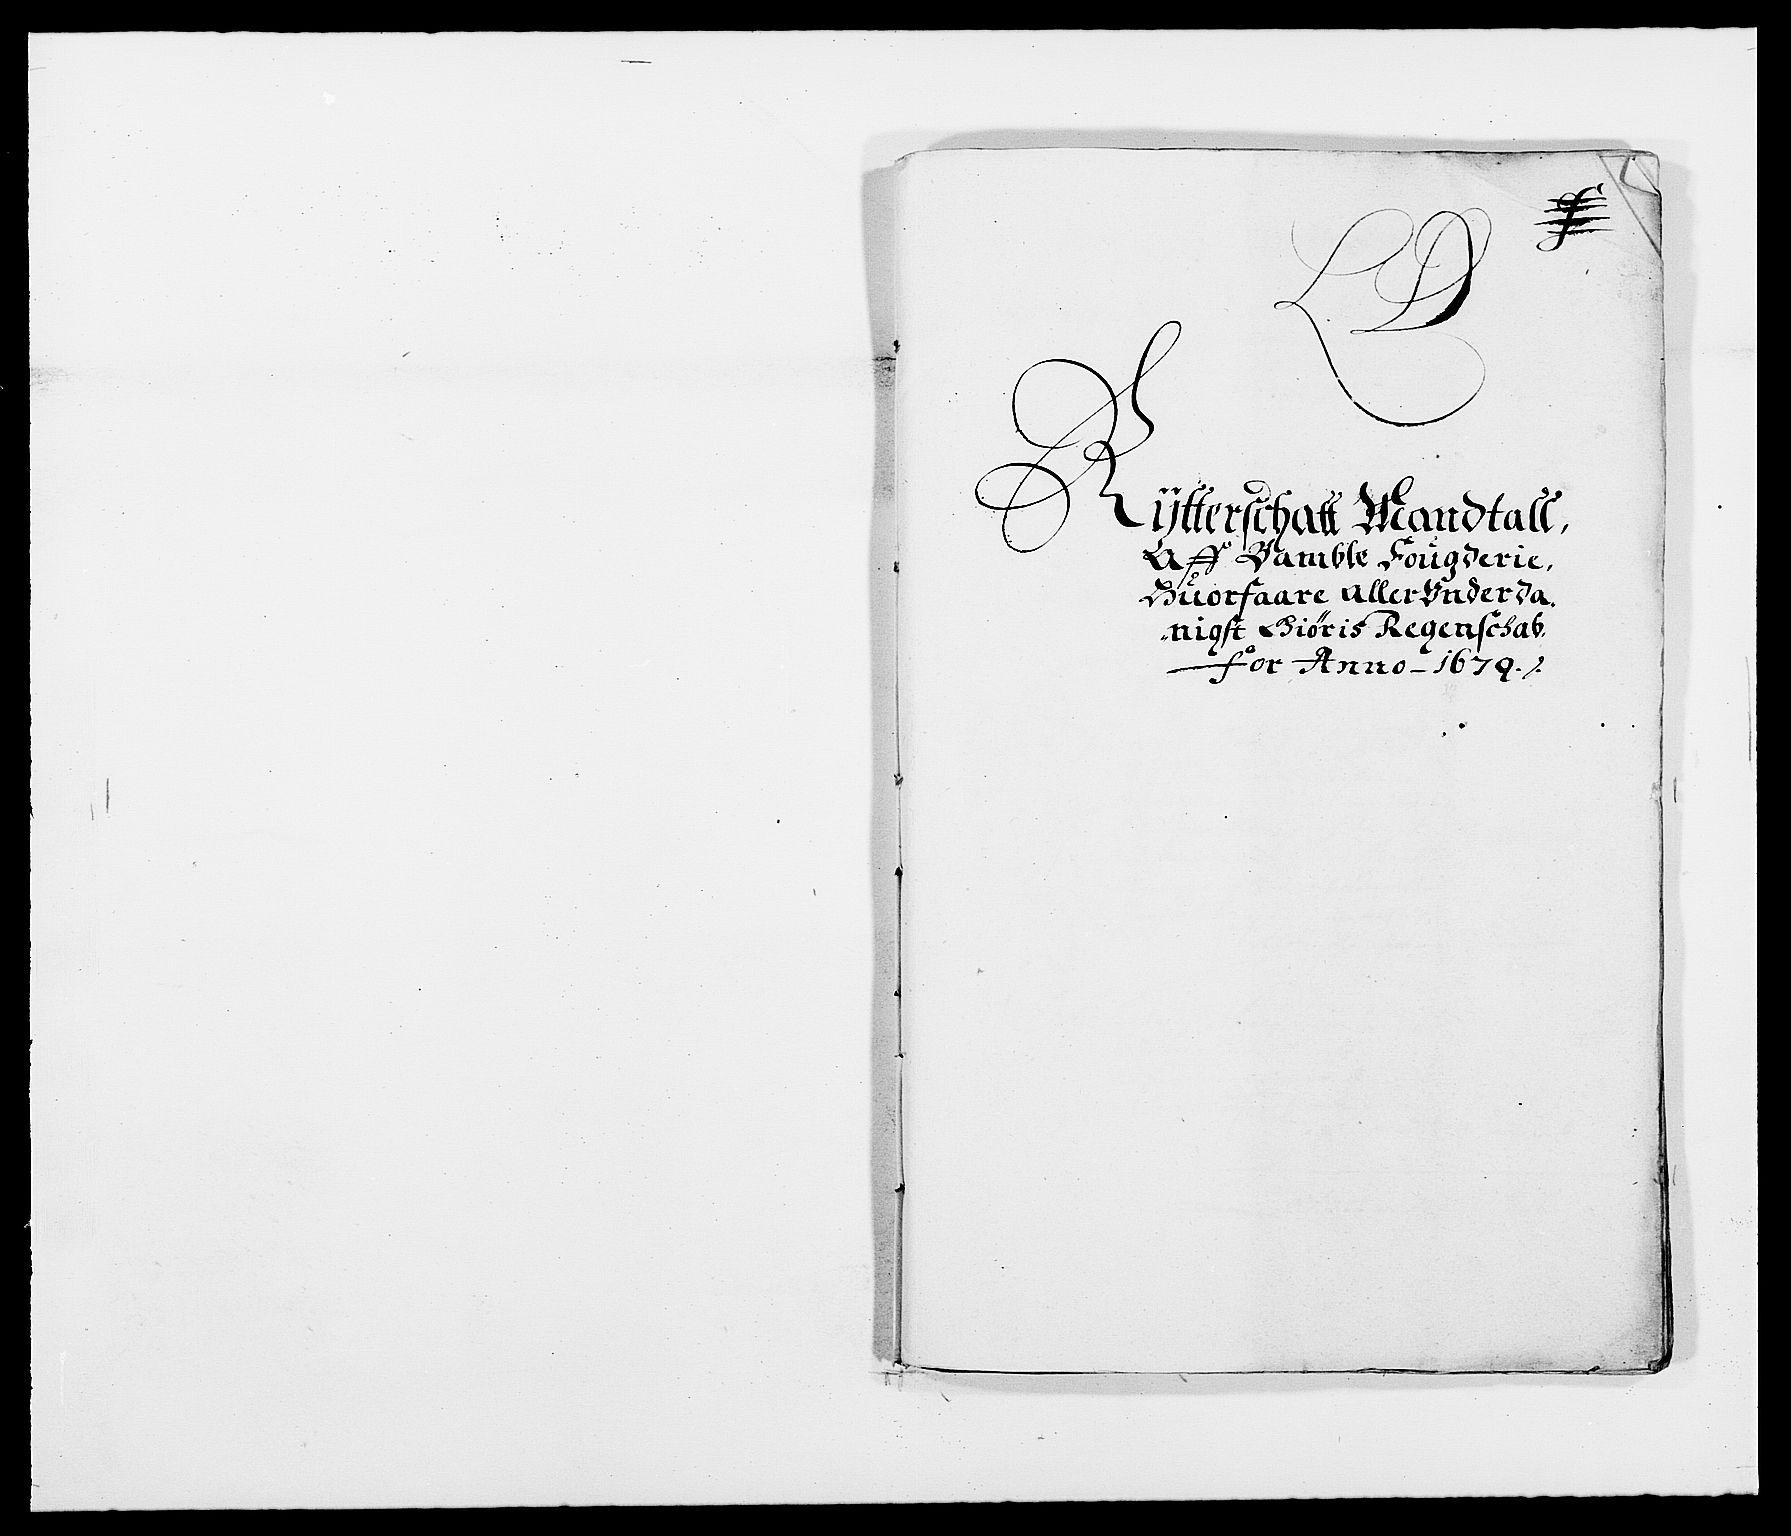 RA, Rentekammeret inntil 1814, Reviderte regnskaper, Fogderegnskap, R34/L2044: Fogderegnskap Bamble, 1678-1679, s. 372